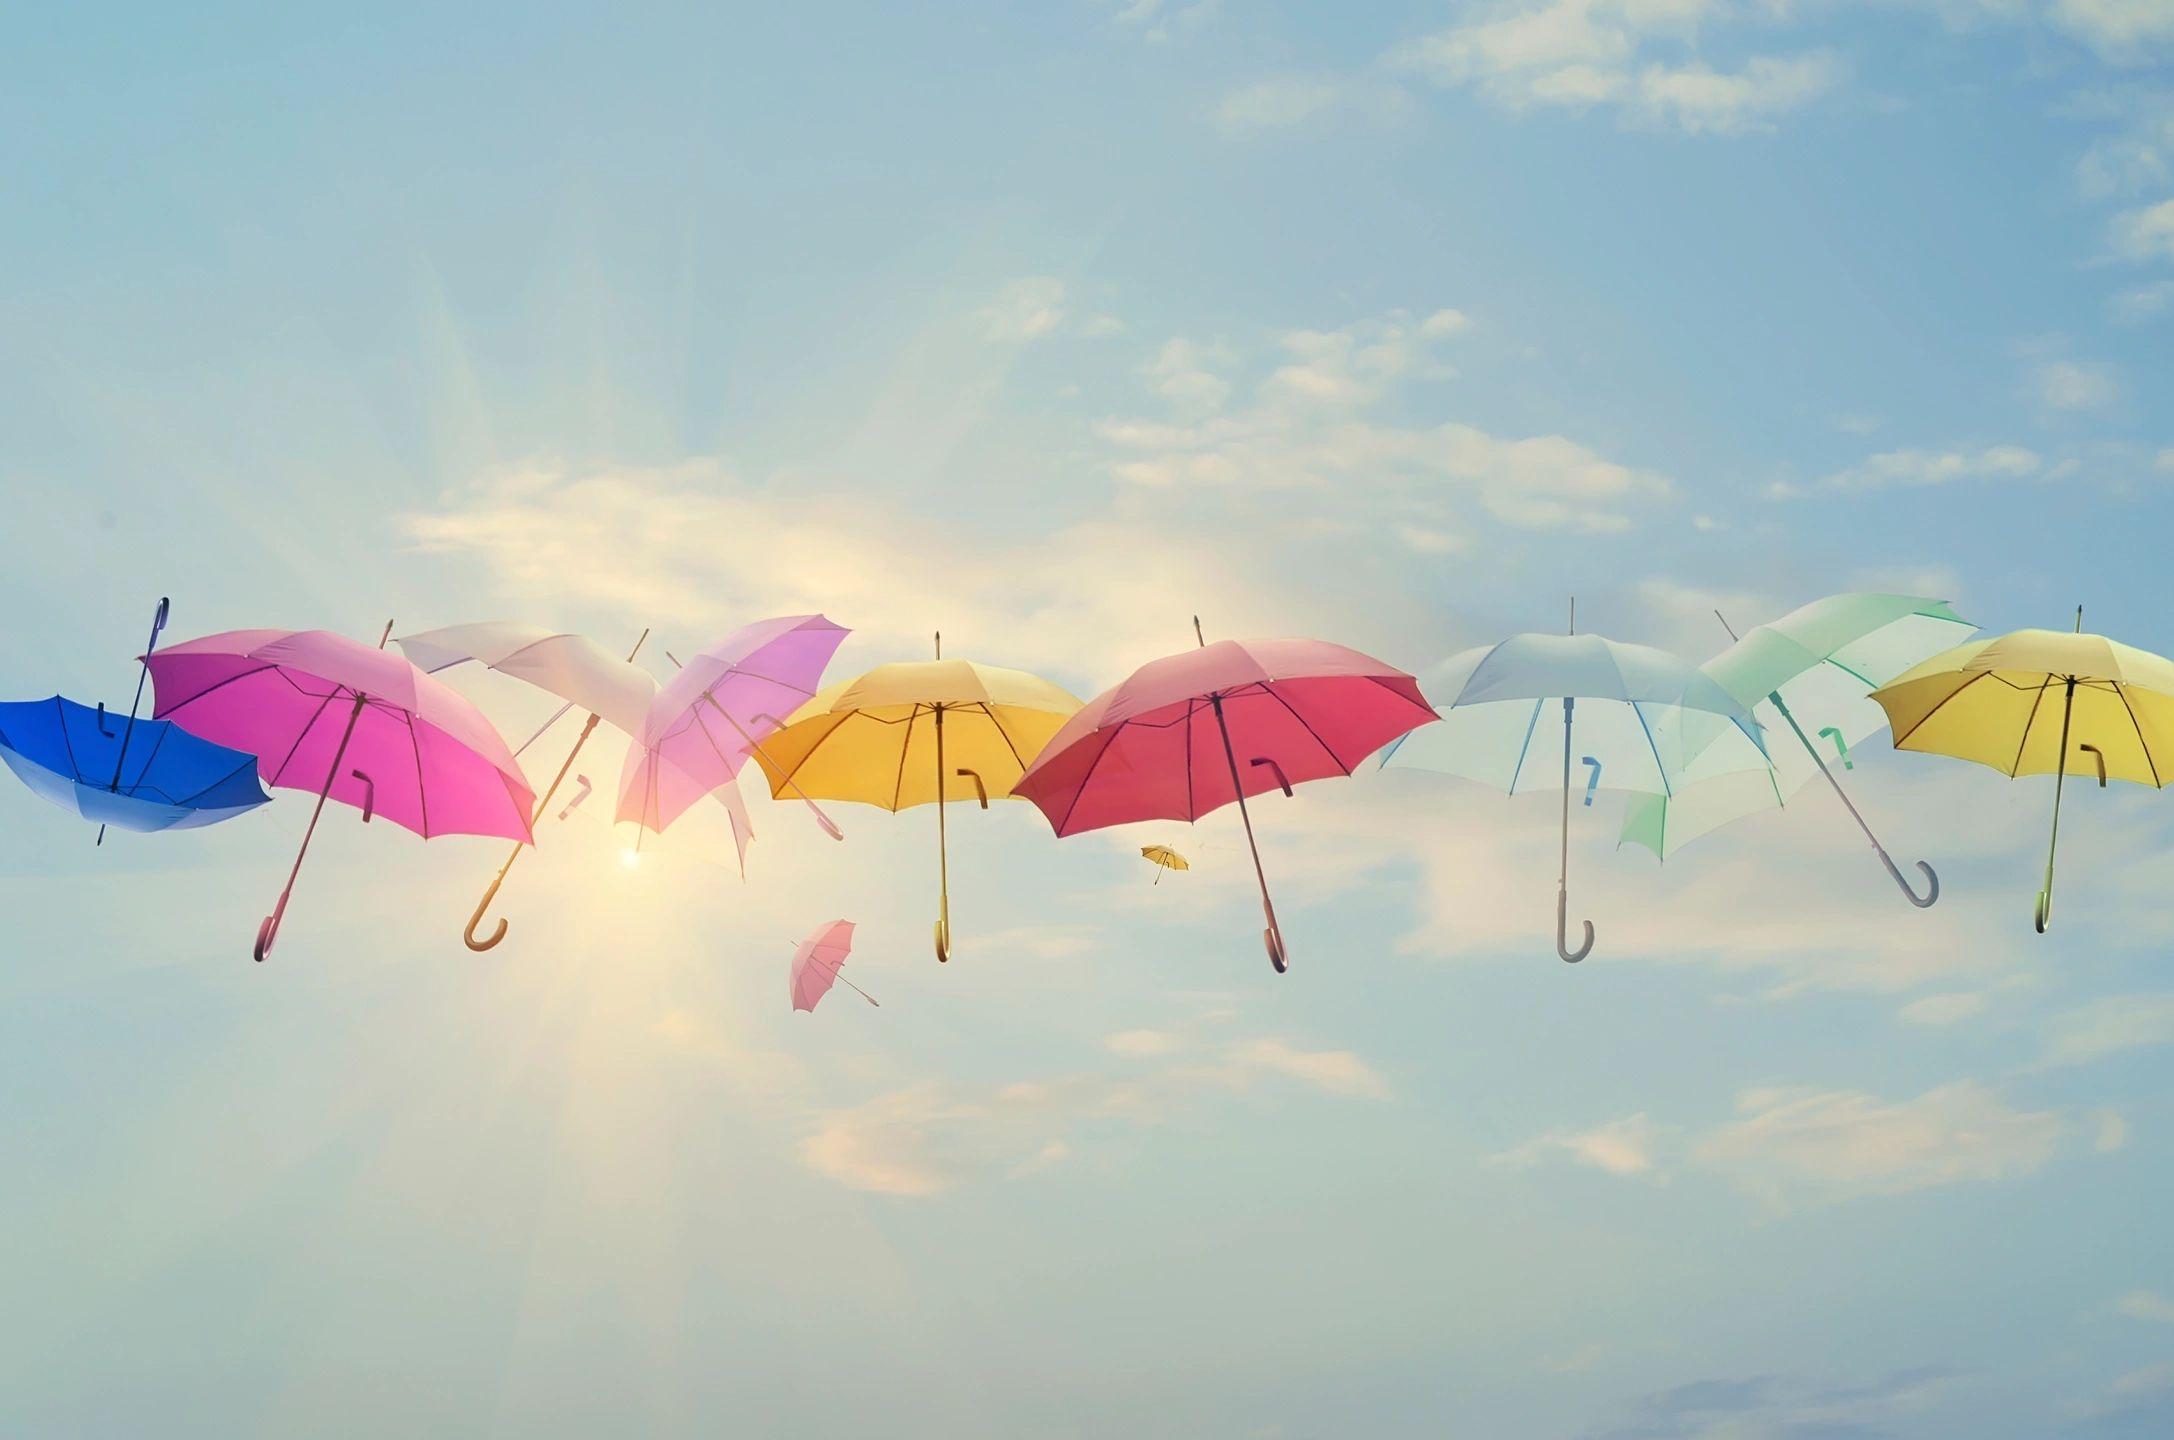 umbrellas-floating